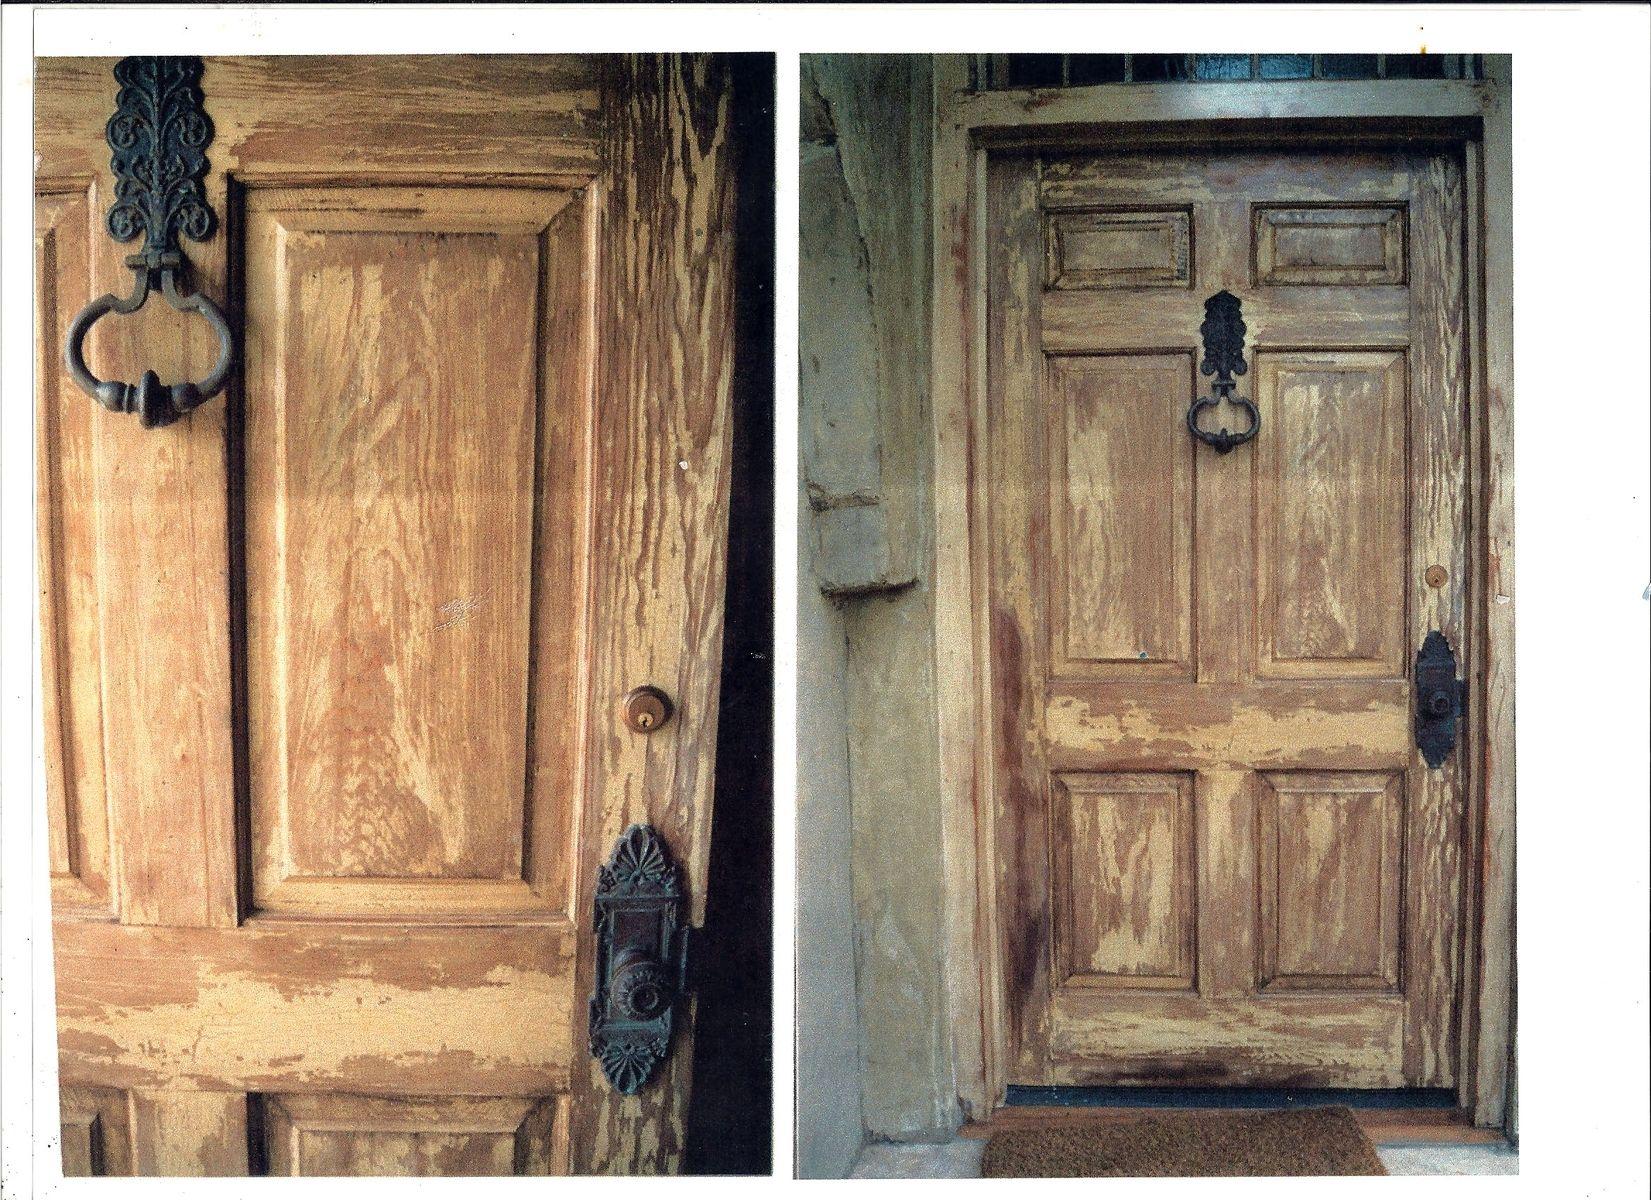 Hand Made New Door Made Old By Schmidt Mandell Studio